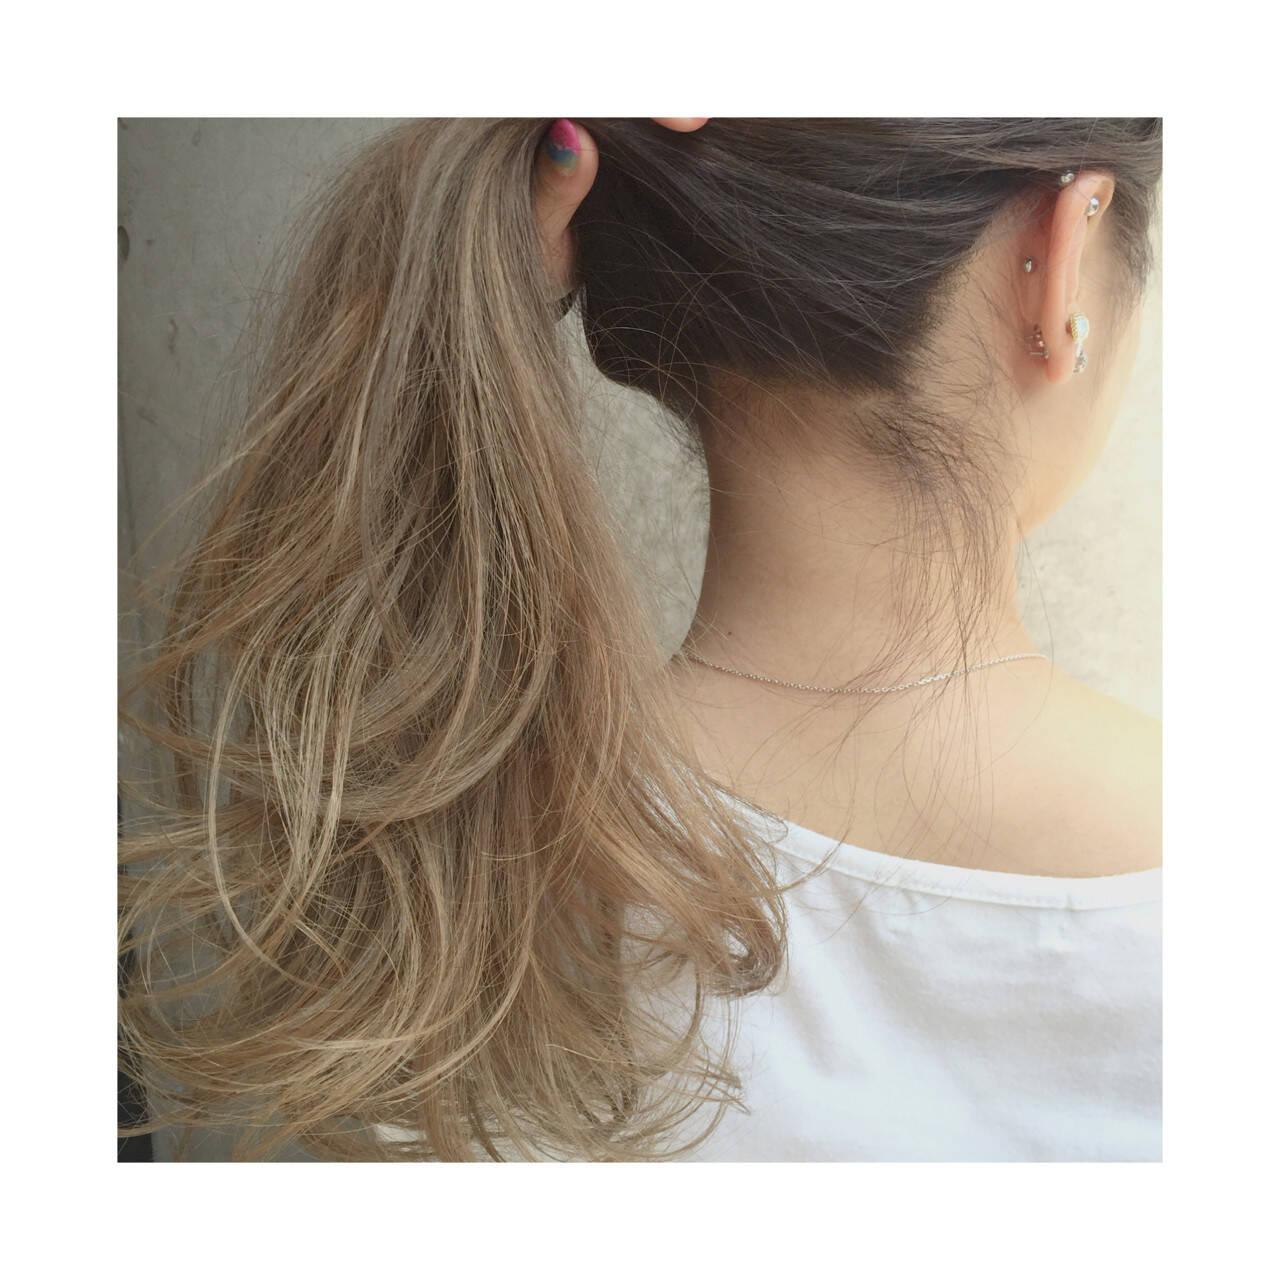 アッシュベージュ アッシュ ハイライト グラデーションカラーヘアスタイルや髪型の写真・画像